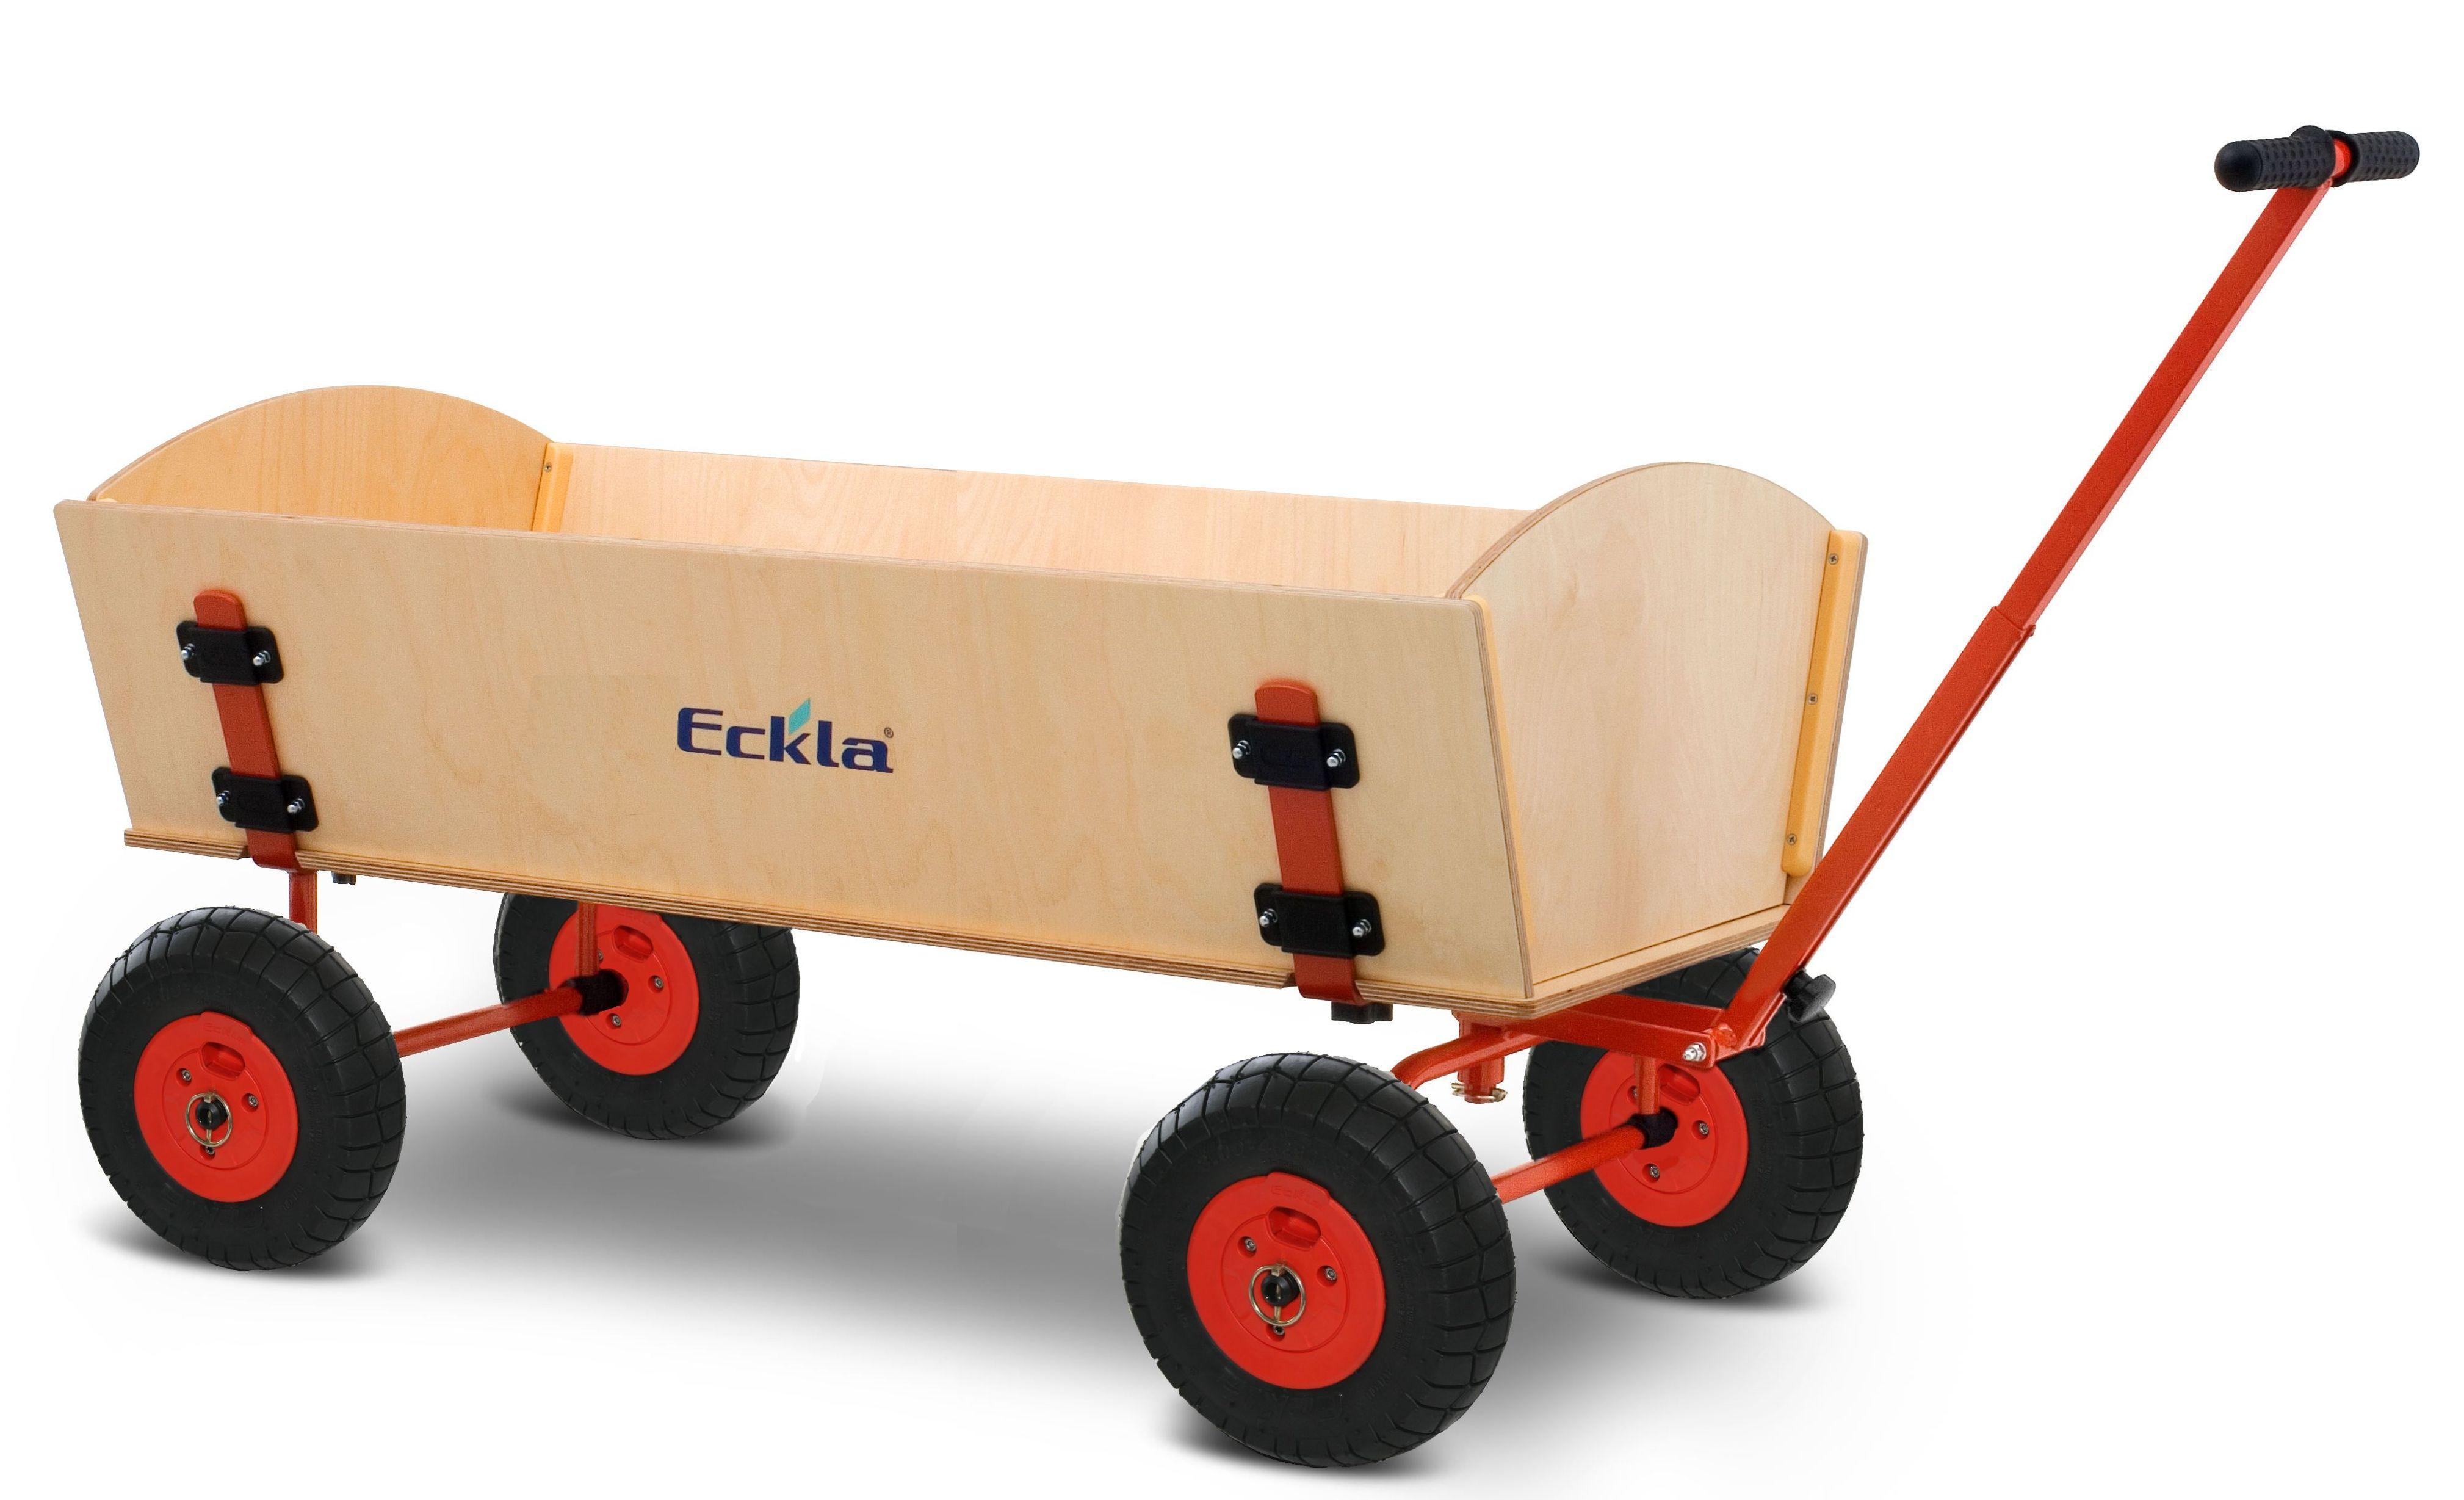 bollerwagen eckla xxl ecklatrak xxl eckla bollerwagen marken bollerwagen. Black Bedroom Furniture Sets. Home Design Ideas